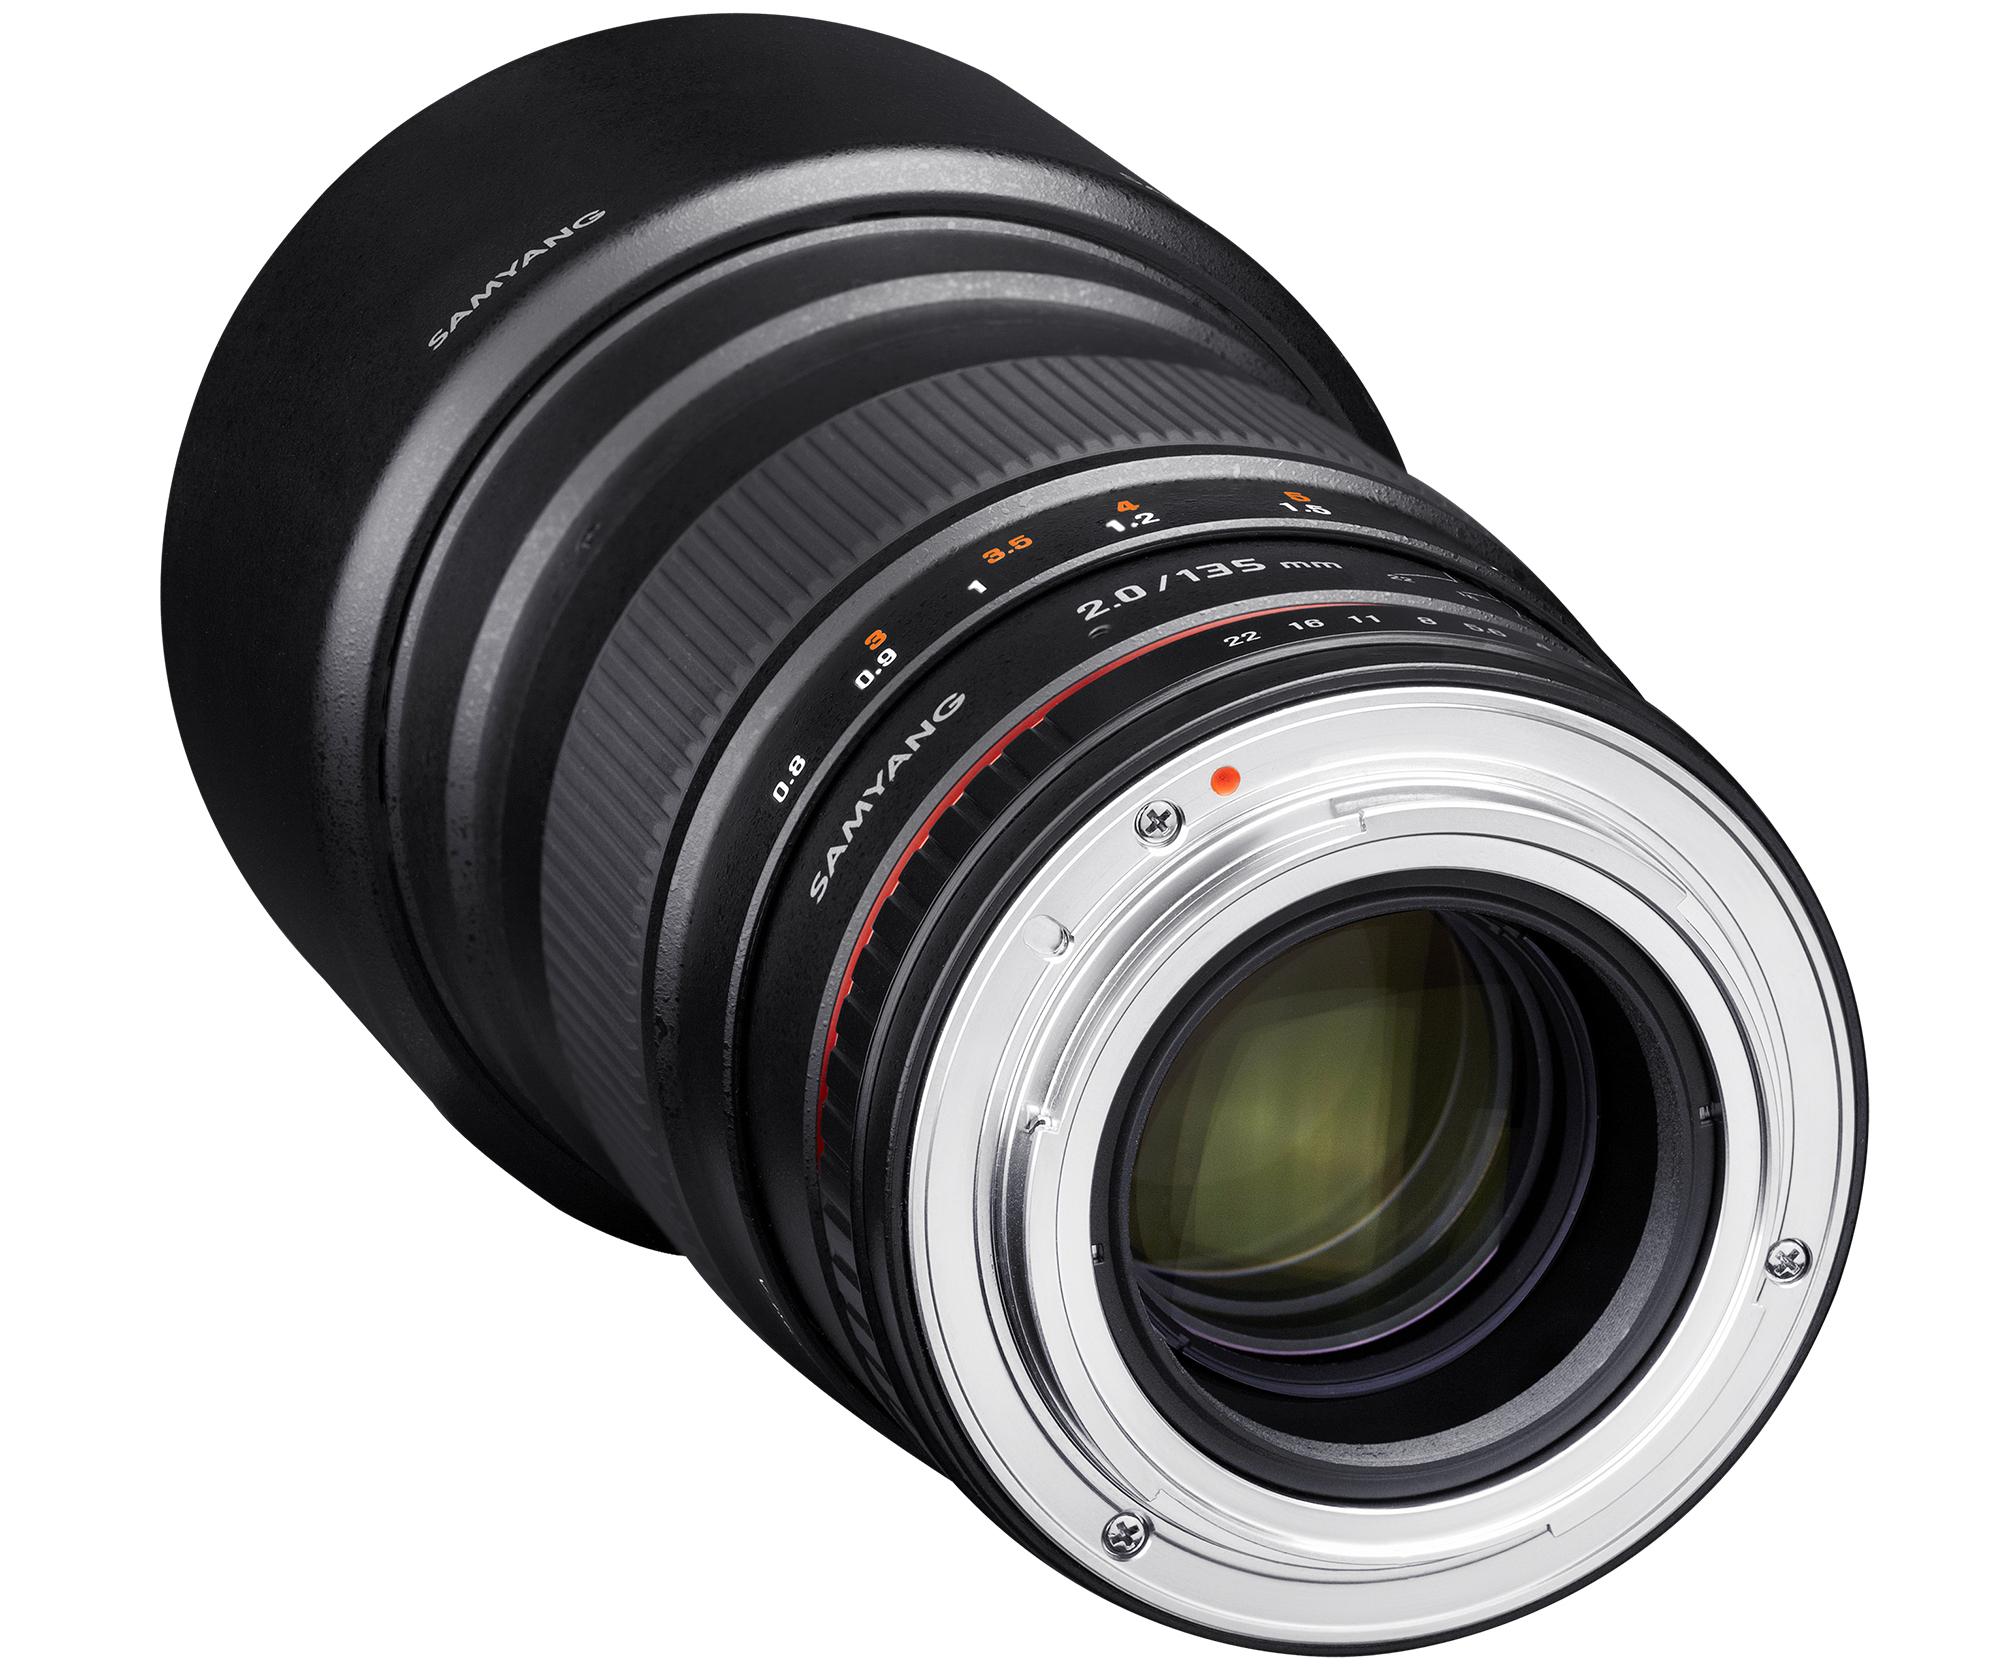 Samyang-135mm-Lens-YouthePhotographer-004